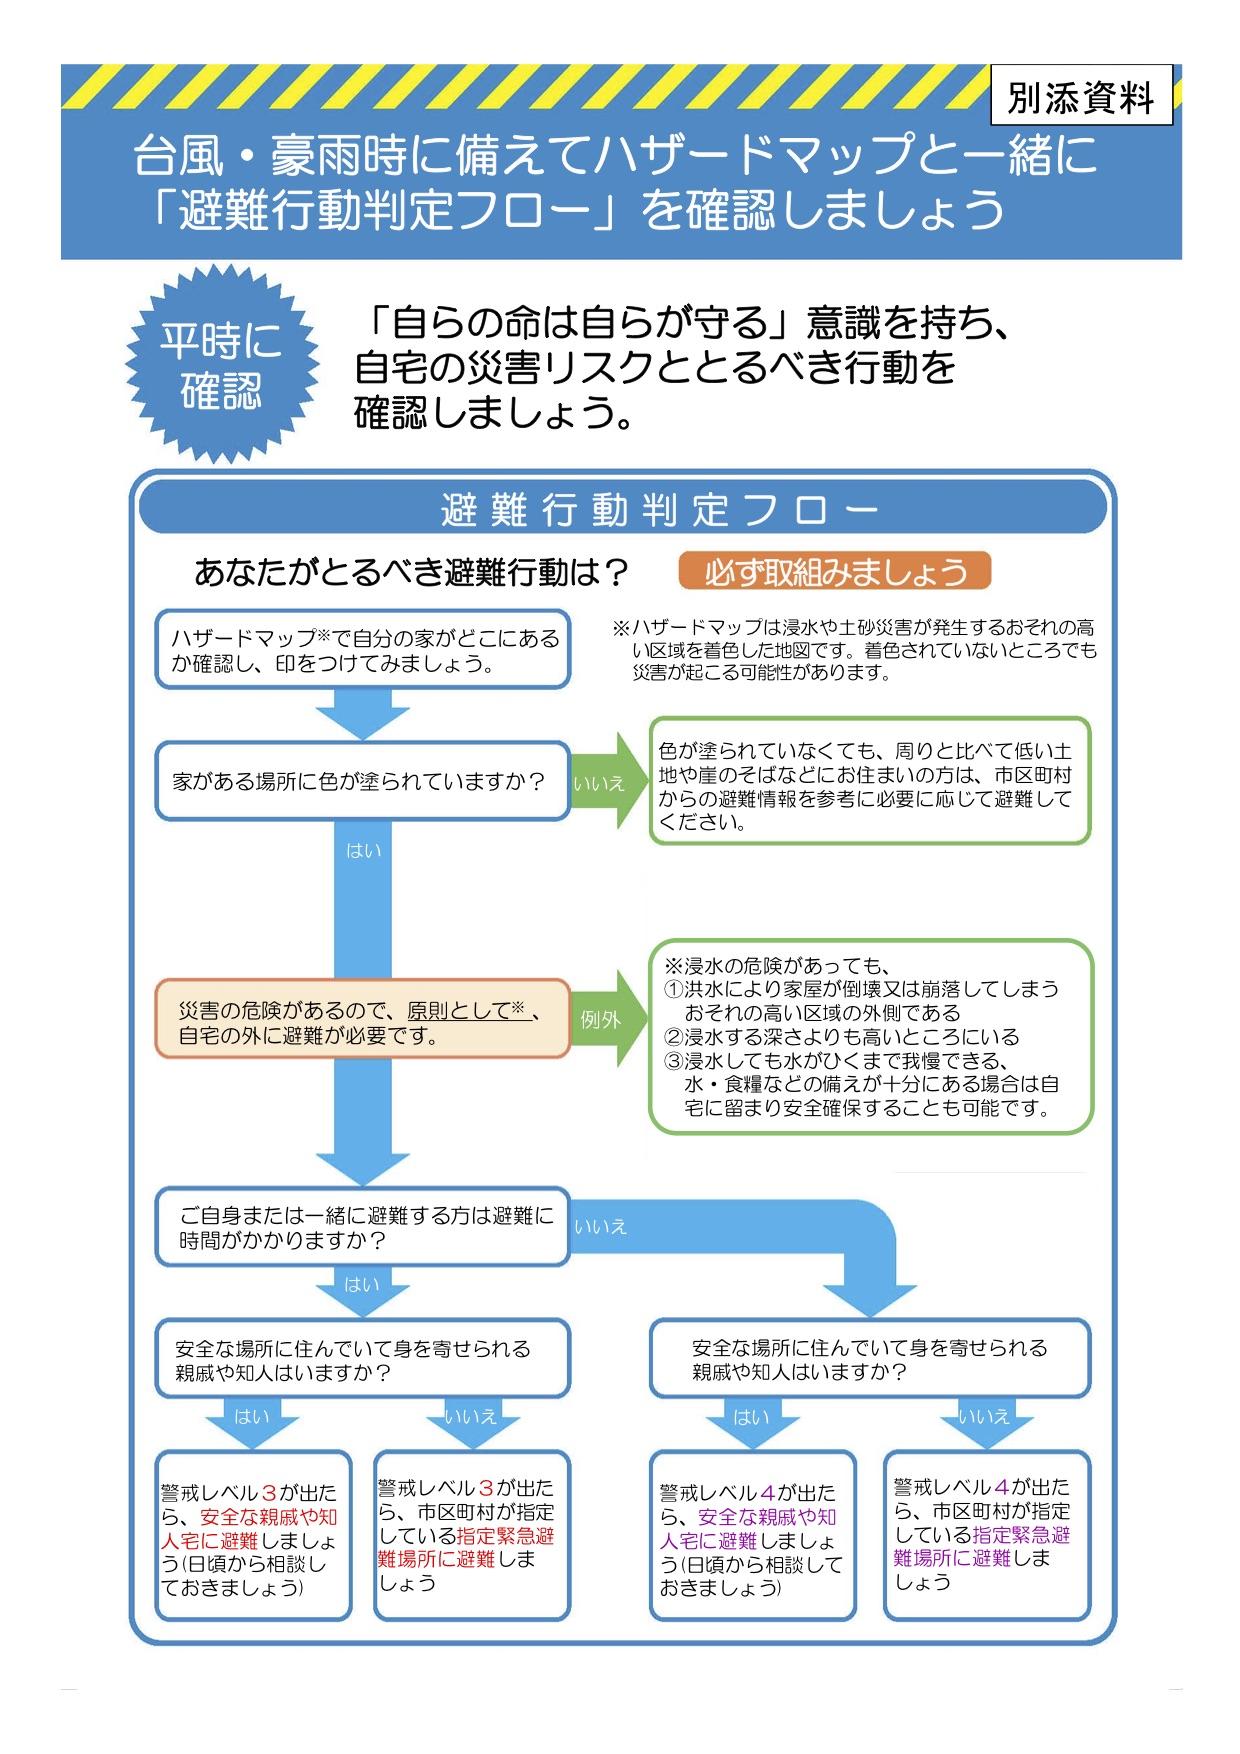 避難行動判定流程